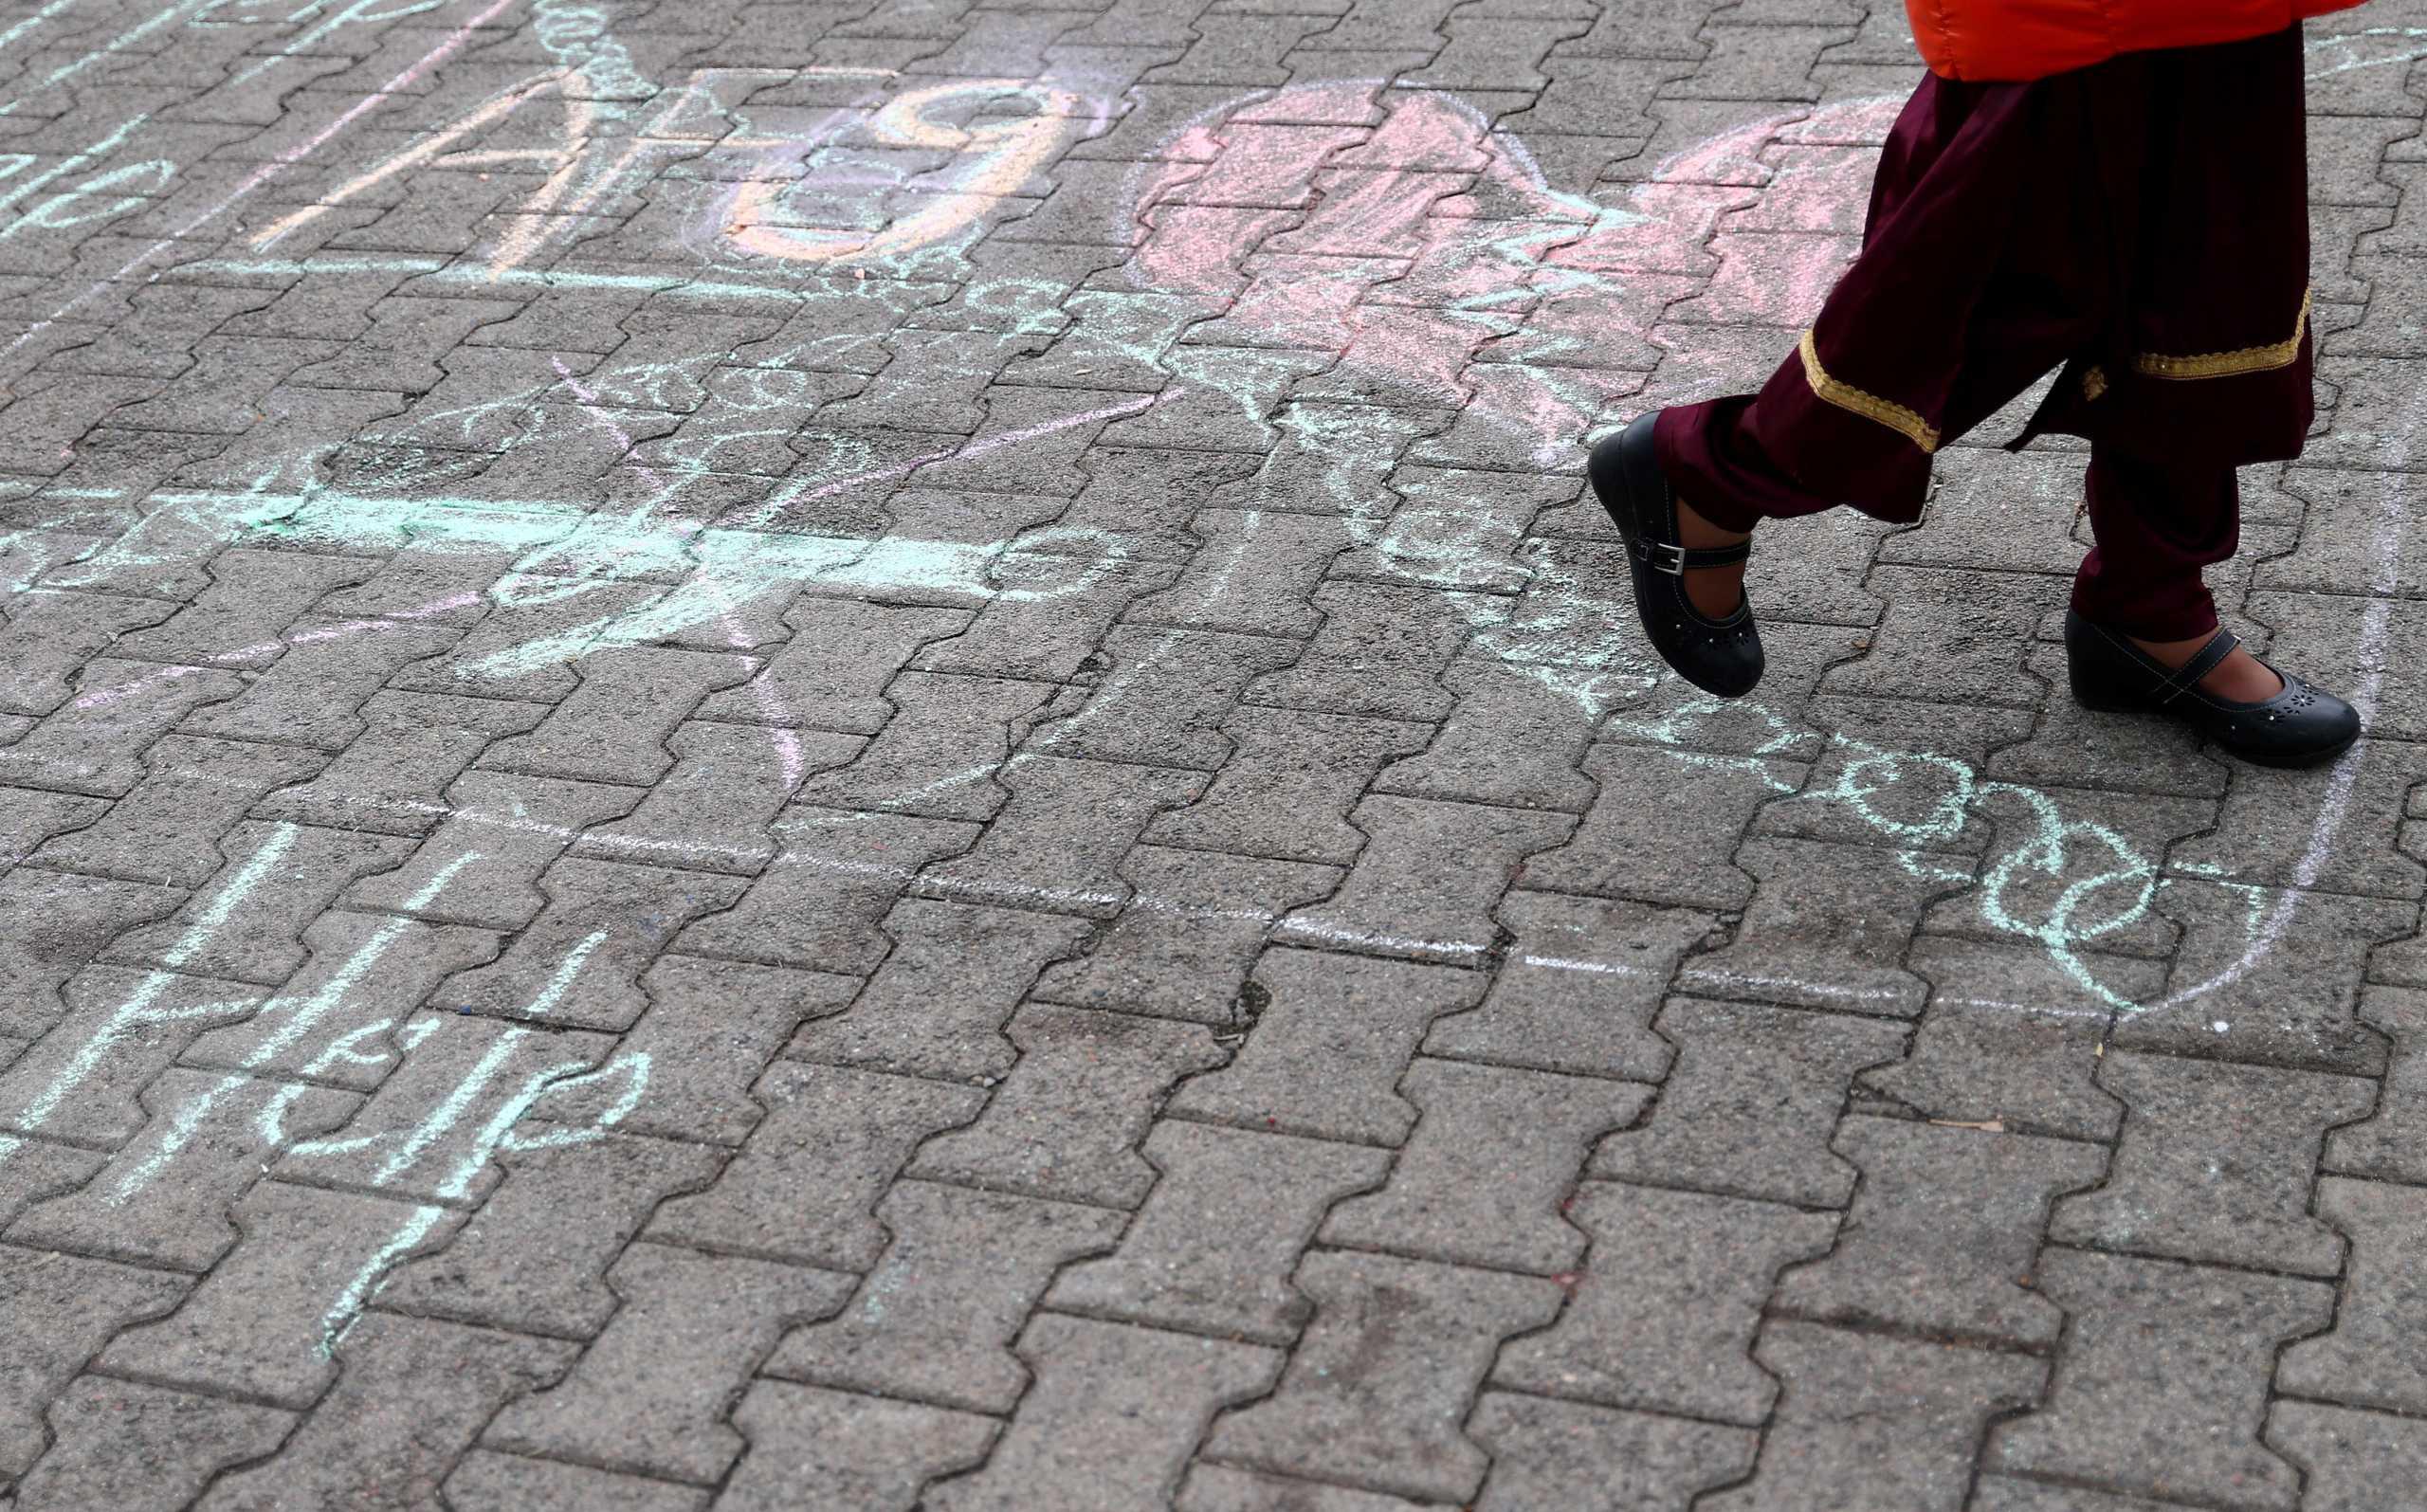 Προφυγόπουλα γλίτωσαν από το Αφγανιστάν και δηλητηριάστηκαν από μανιτάρια